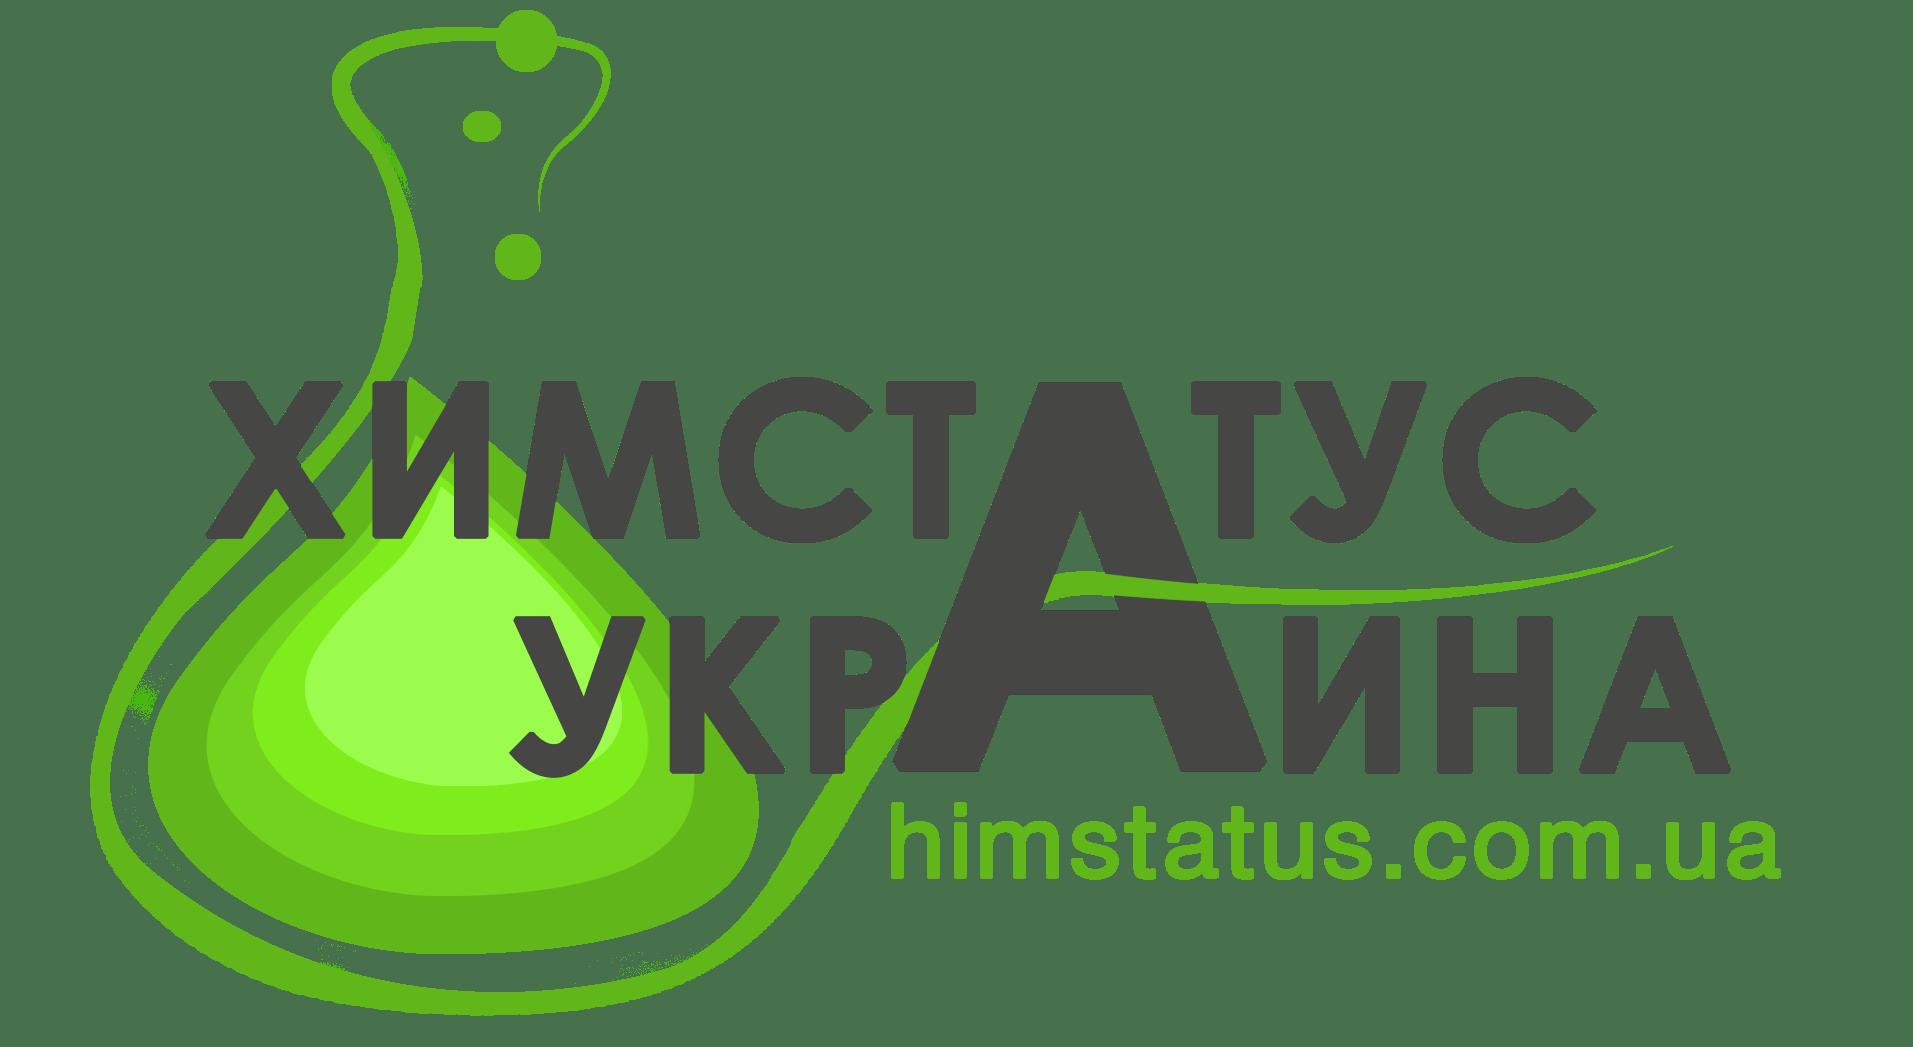 ХИМСТАТУС УКРАИНА - комплексное обеспечение лабораторий